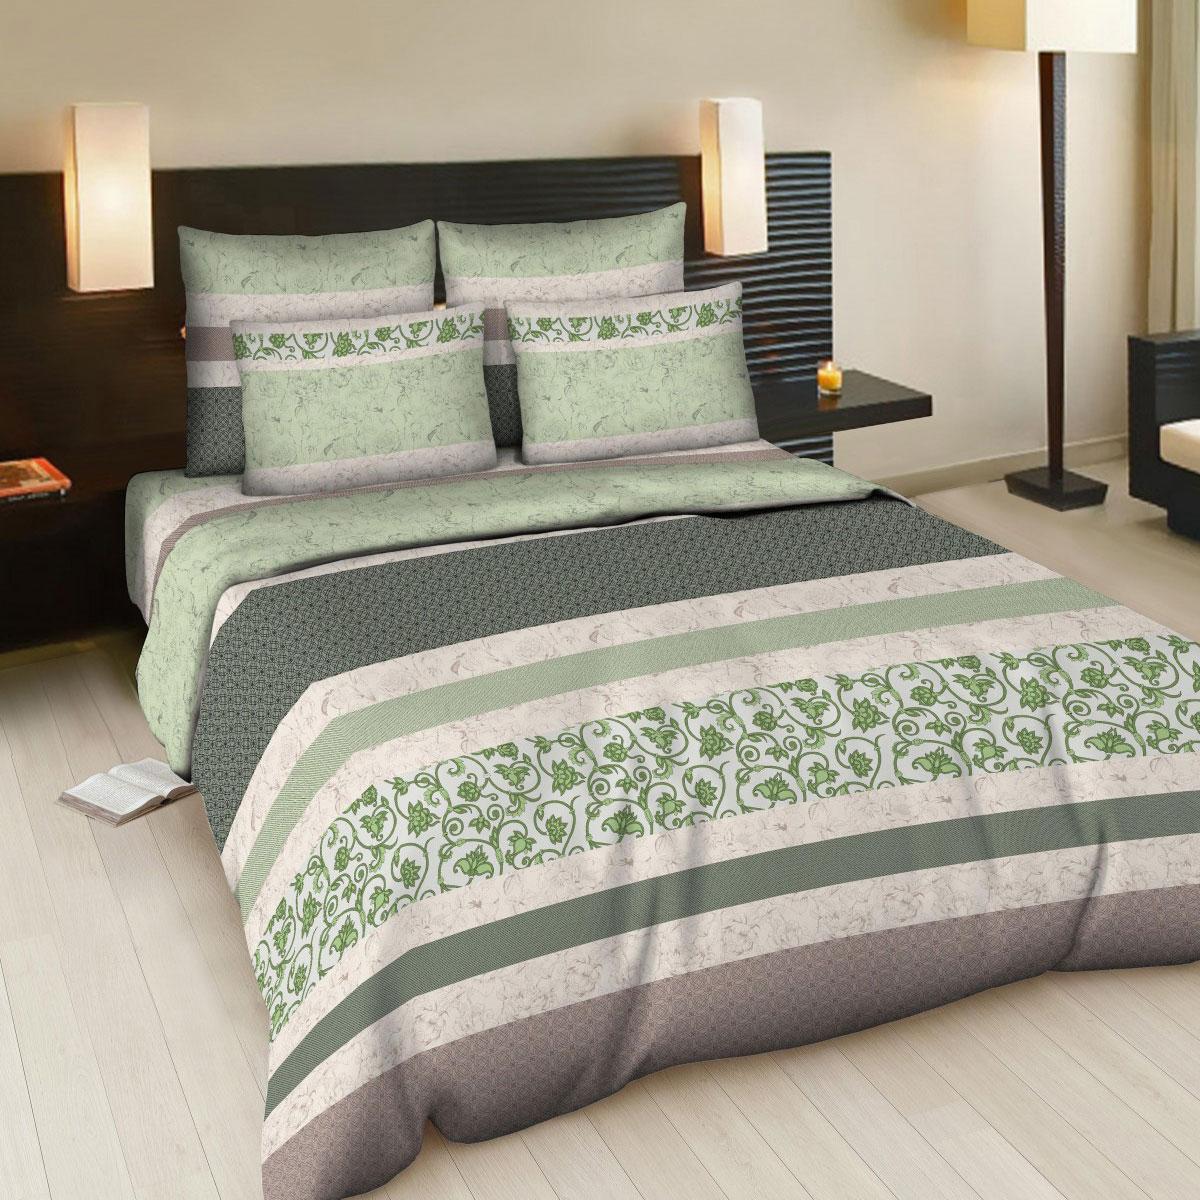 Комплект белья Letto Карнелия, 2-спальный, наволочки 70х70, цвт: серый, светло-зеленый. В93-4 комплект белья letto 2 спальный наволочки 70х70 sm119 4